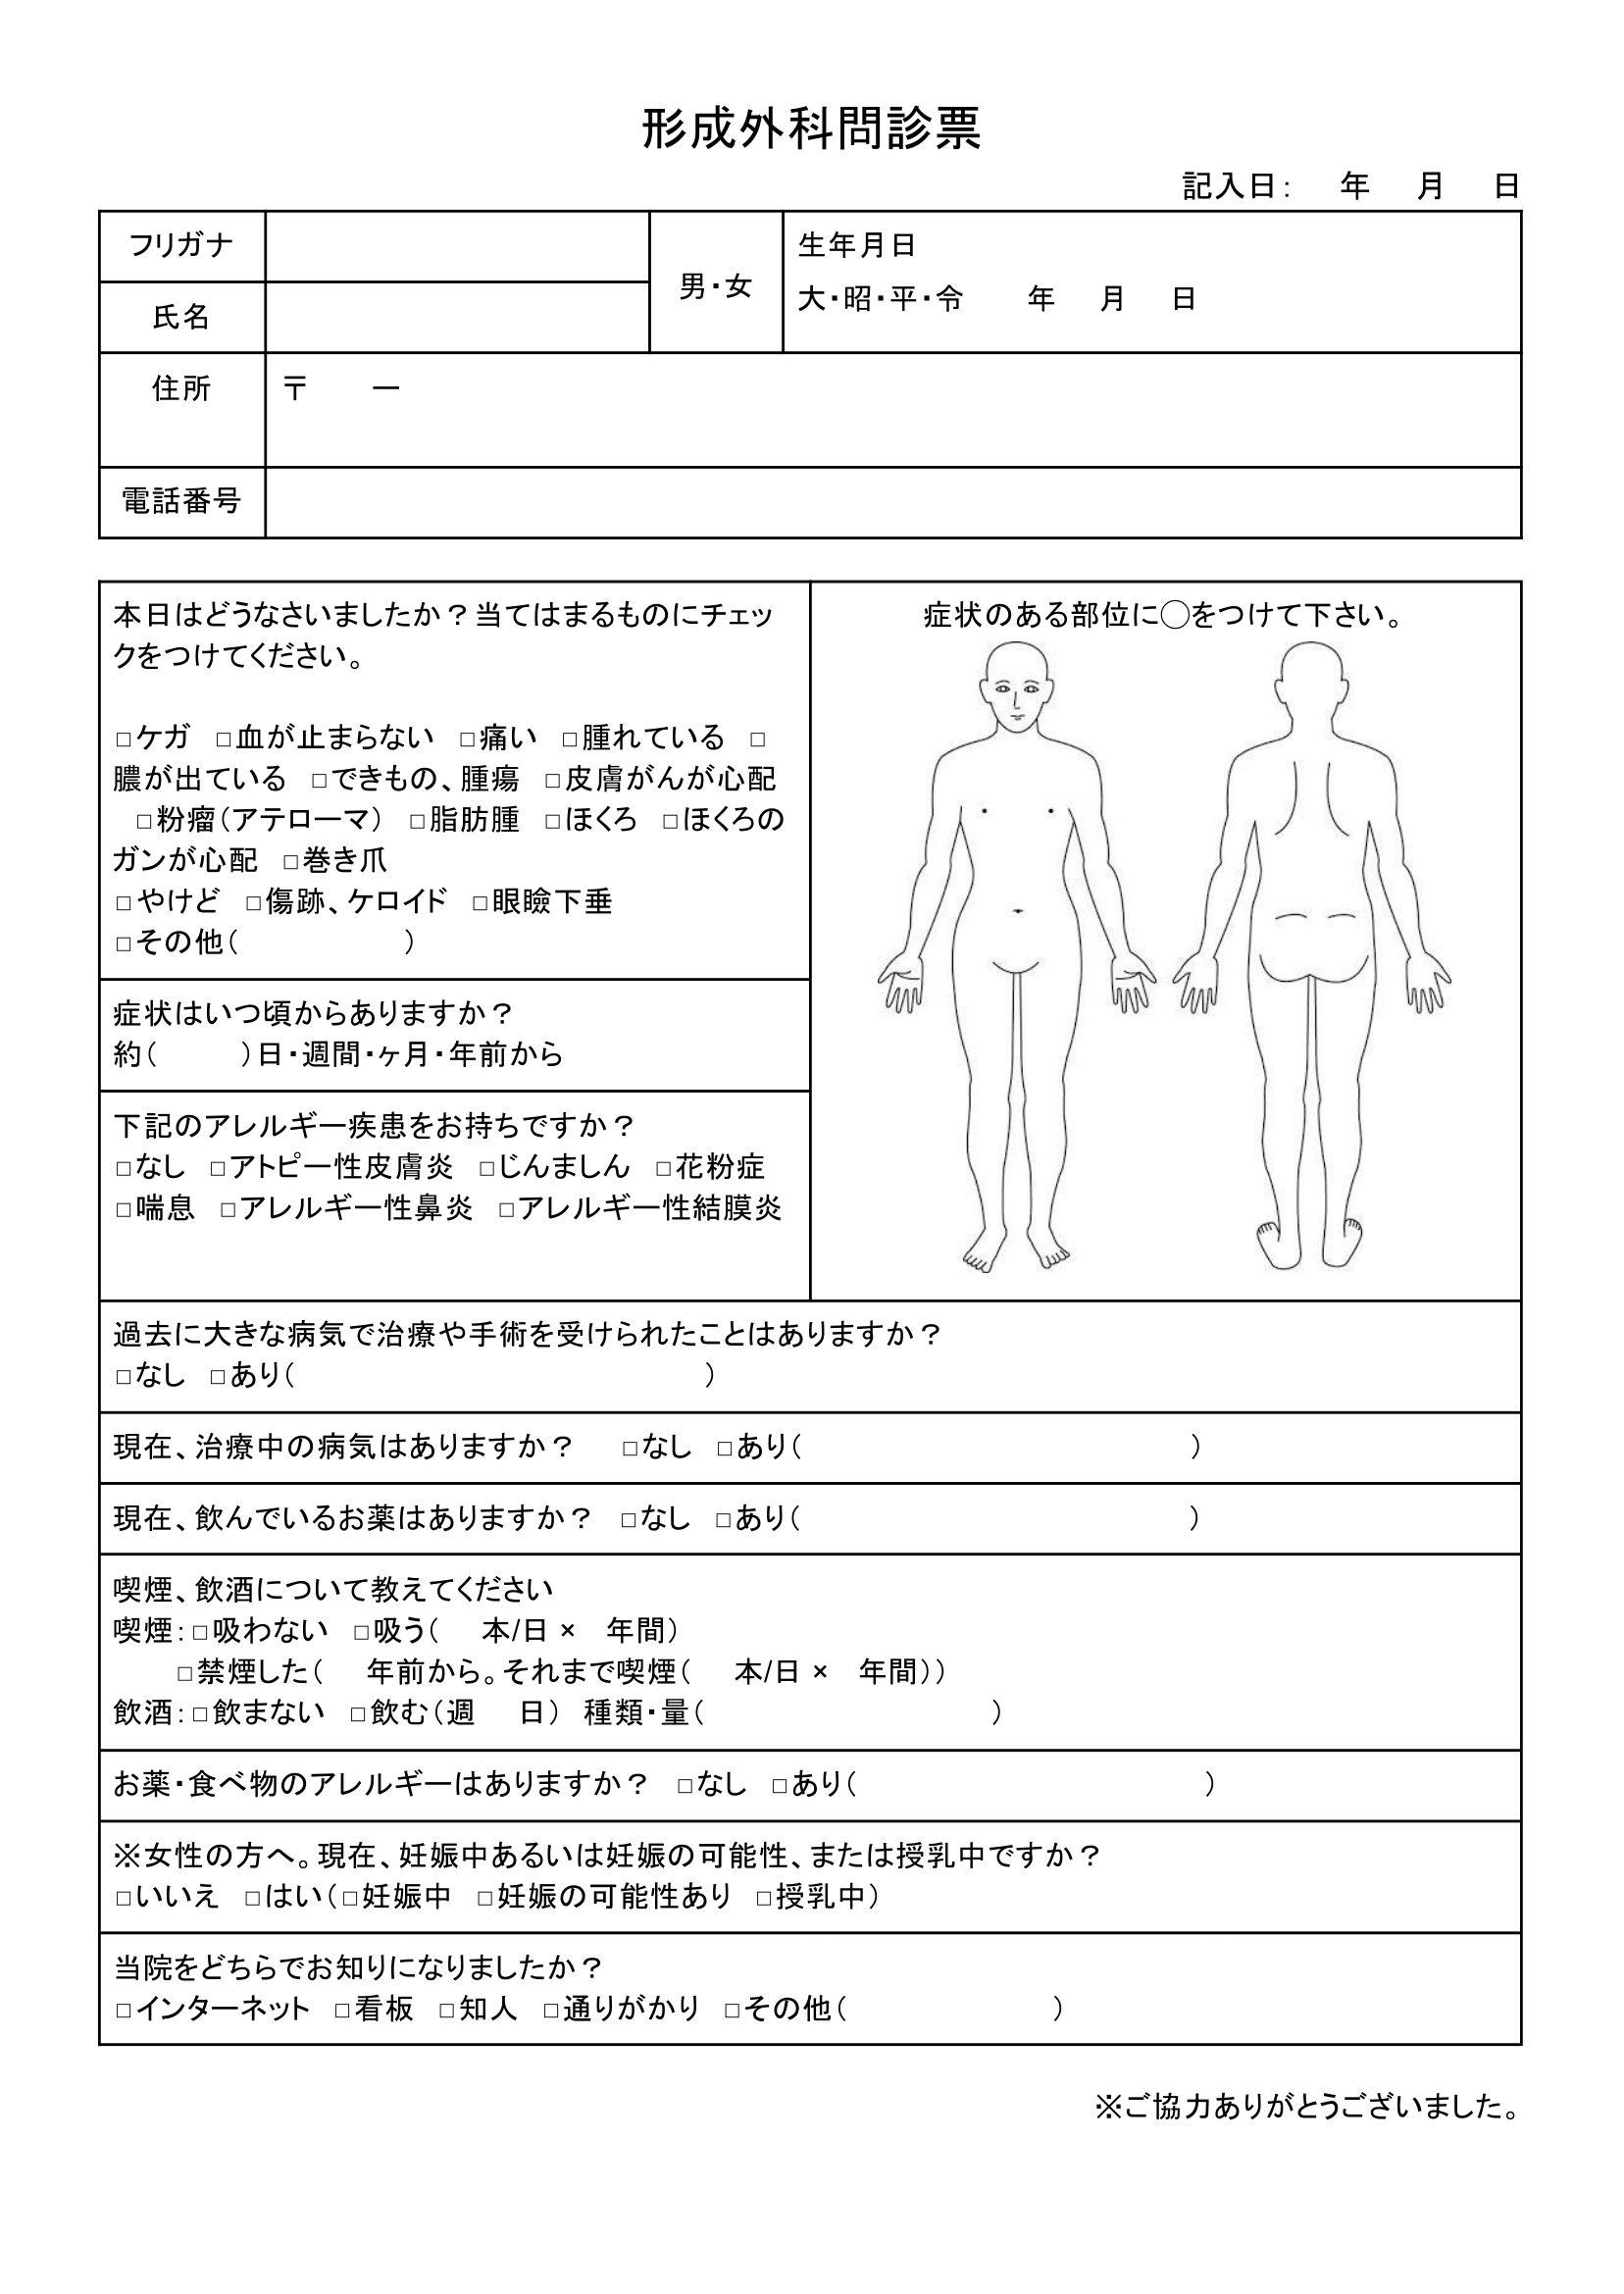 形成外科問診票テンプレート